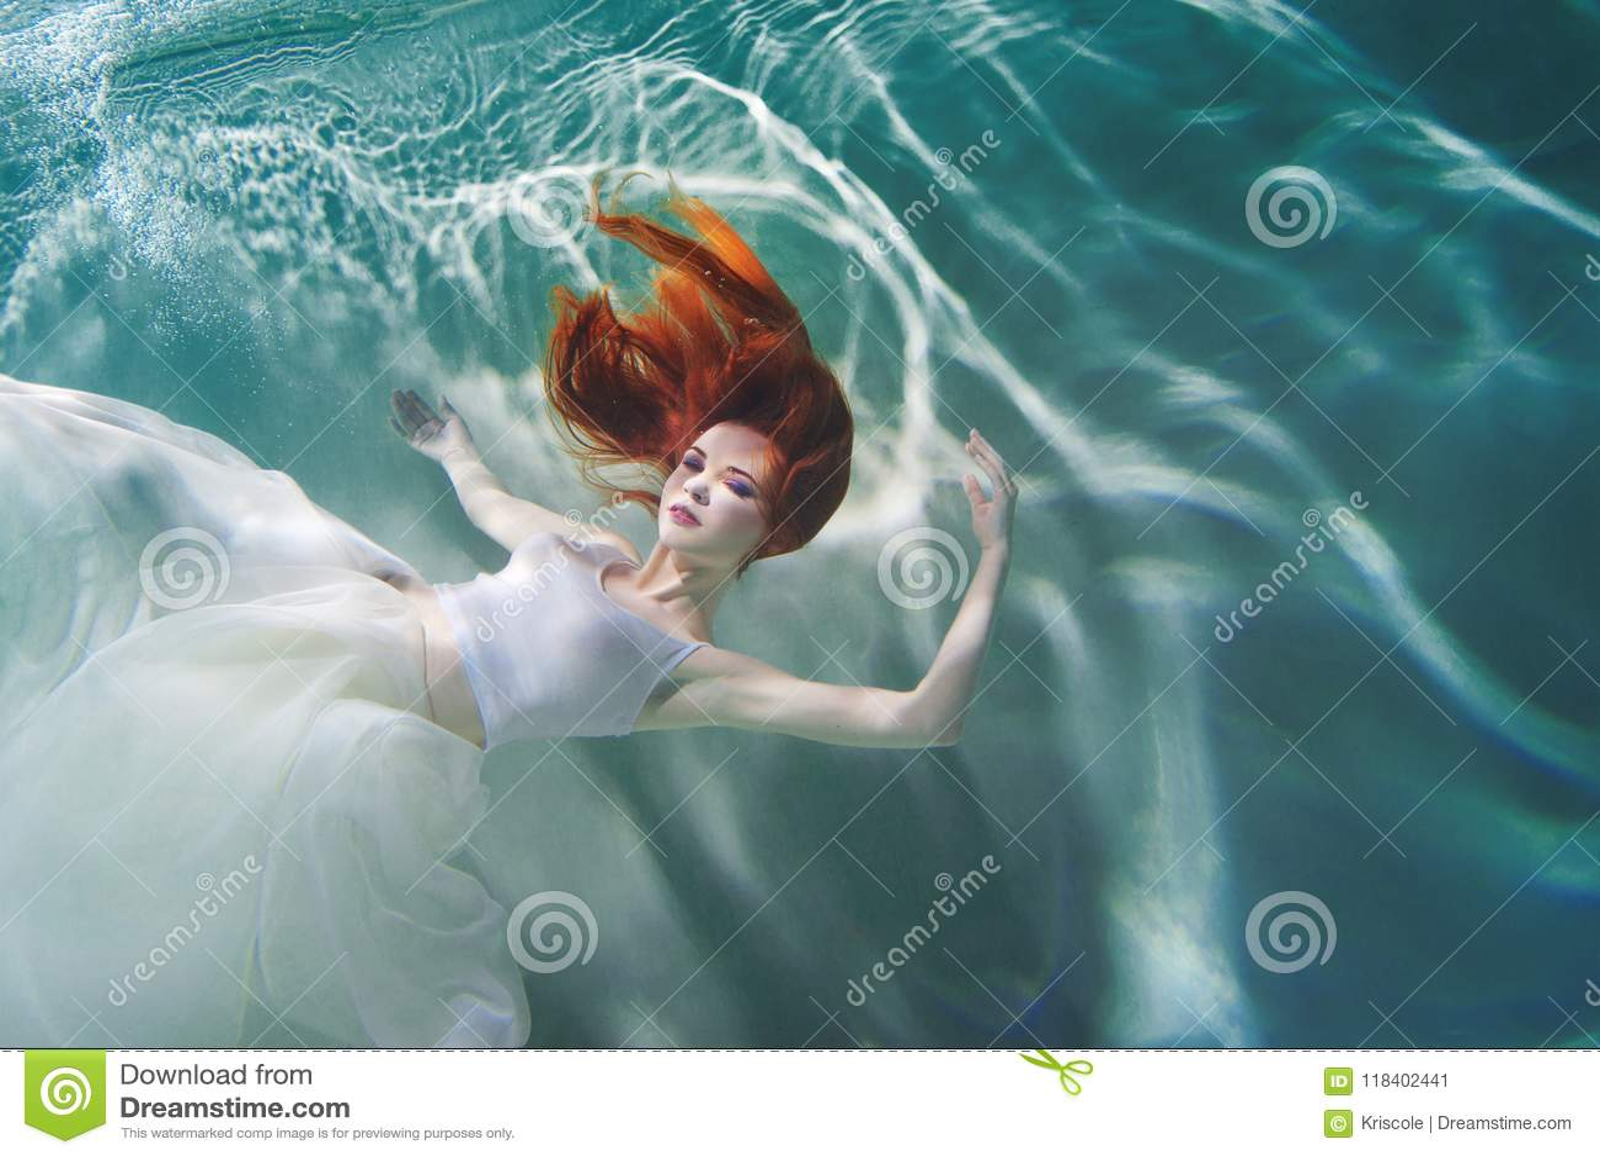 Podwodna dziewczyna Piękna miedzianowłosa kobieta w białej sukni, pływa pod wodą